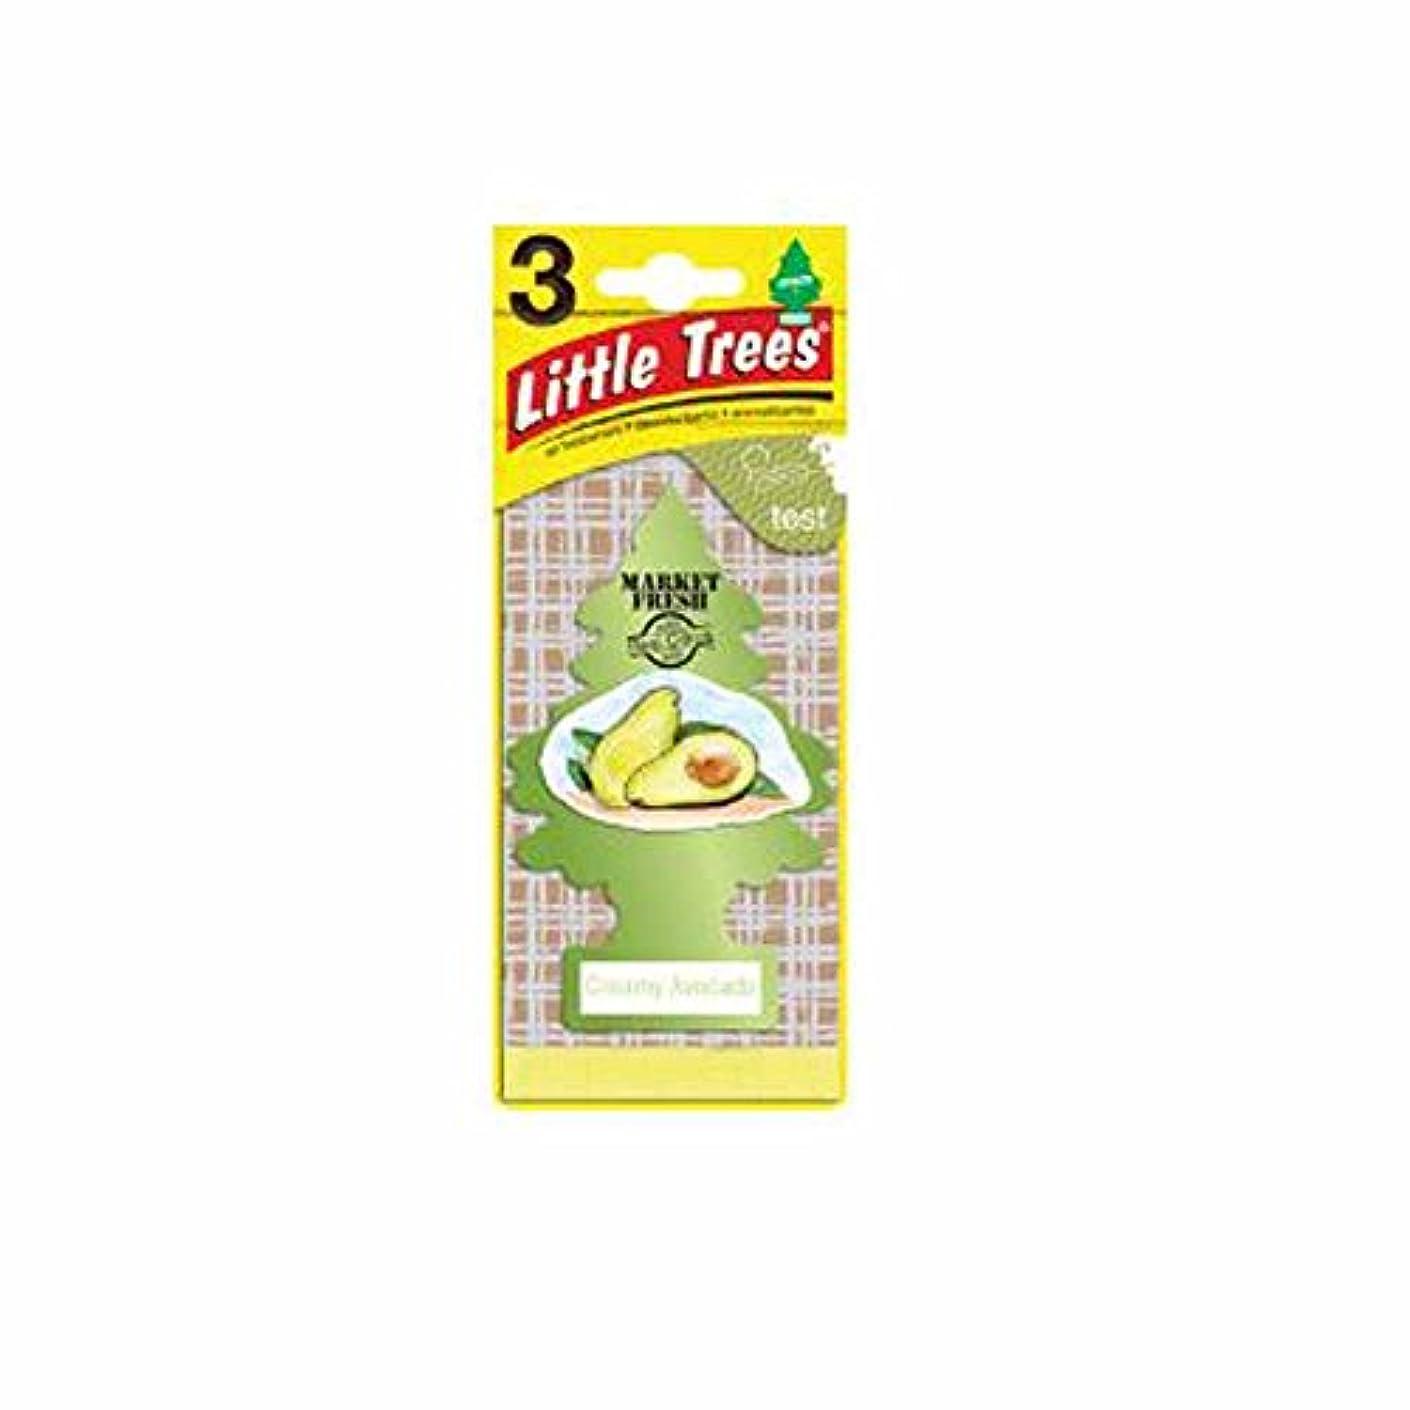 報告書パーティション国際Little Trees 吊下げタイプ エアーフレッシュナー creamy avocado(クリーミーアボカド) 3枚セット(3P) U3S-37340